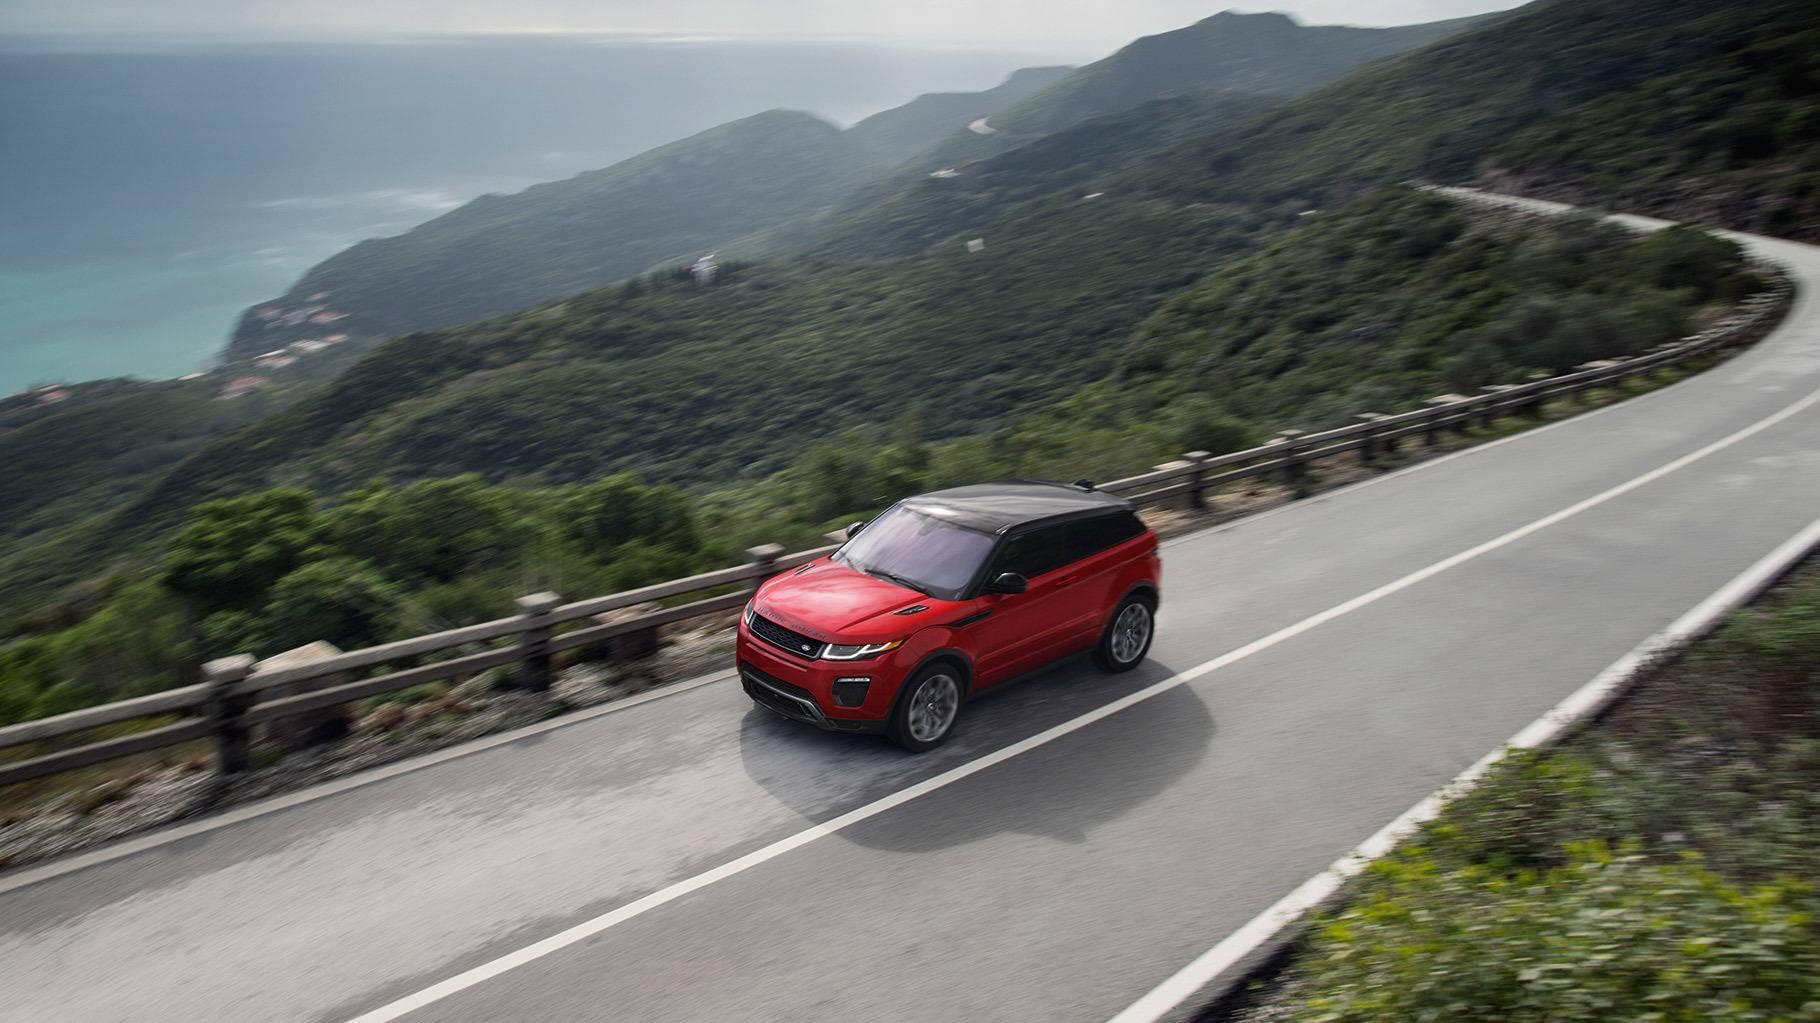 2017-Land-Rover-Range-Rover-Evoque-Exterior-red